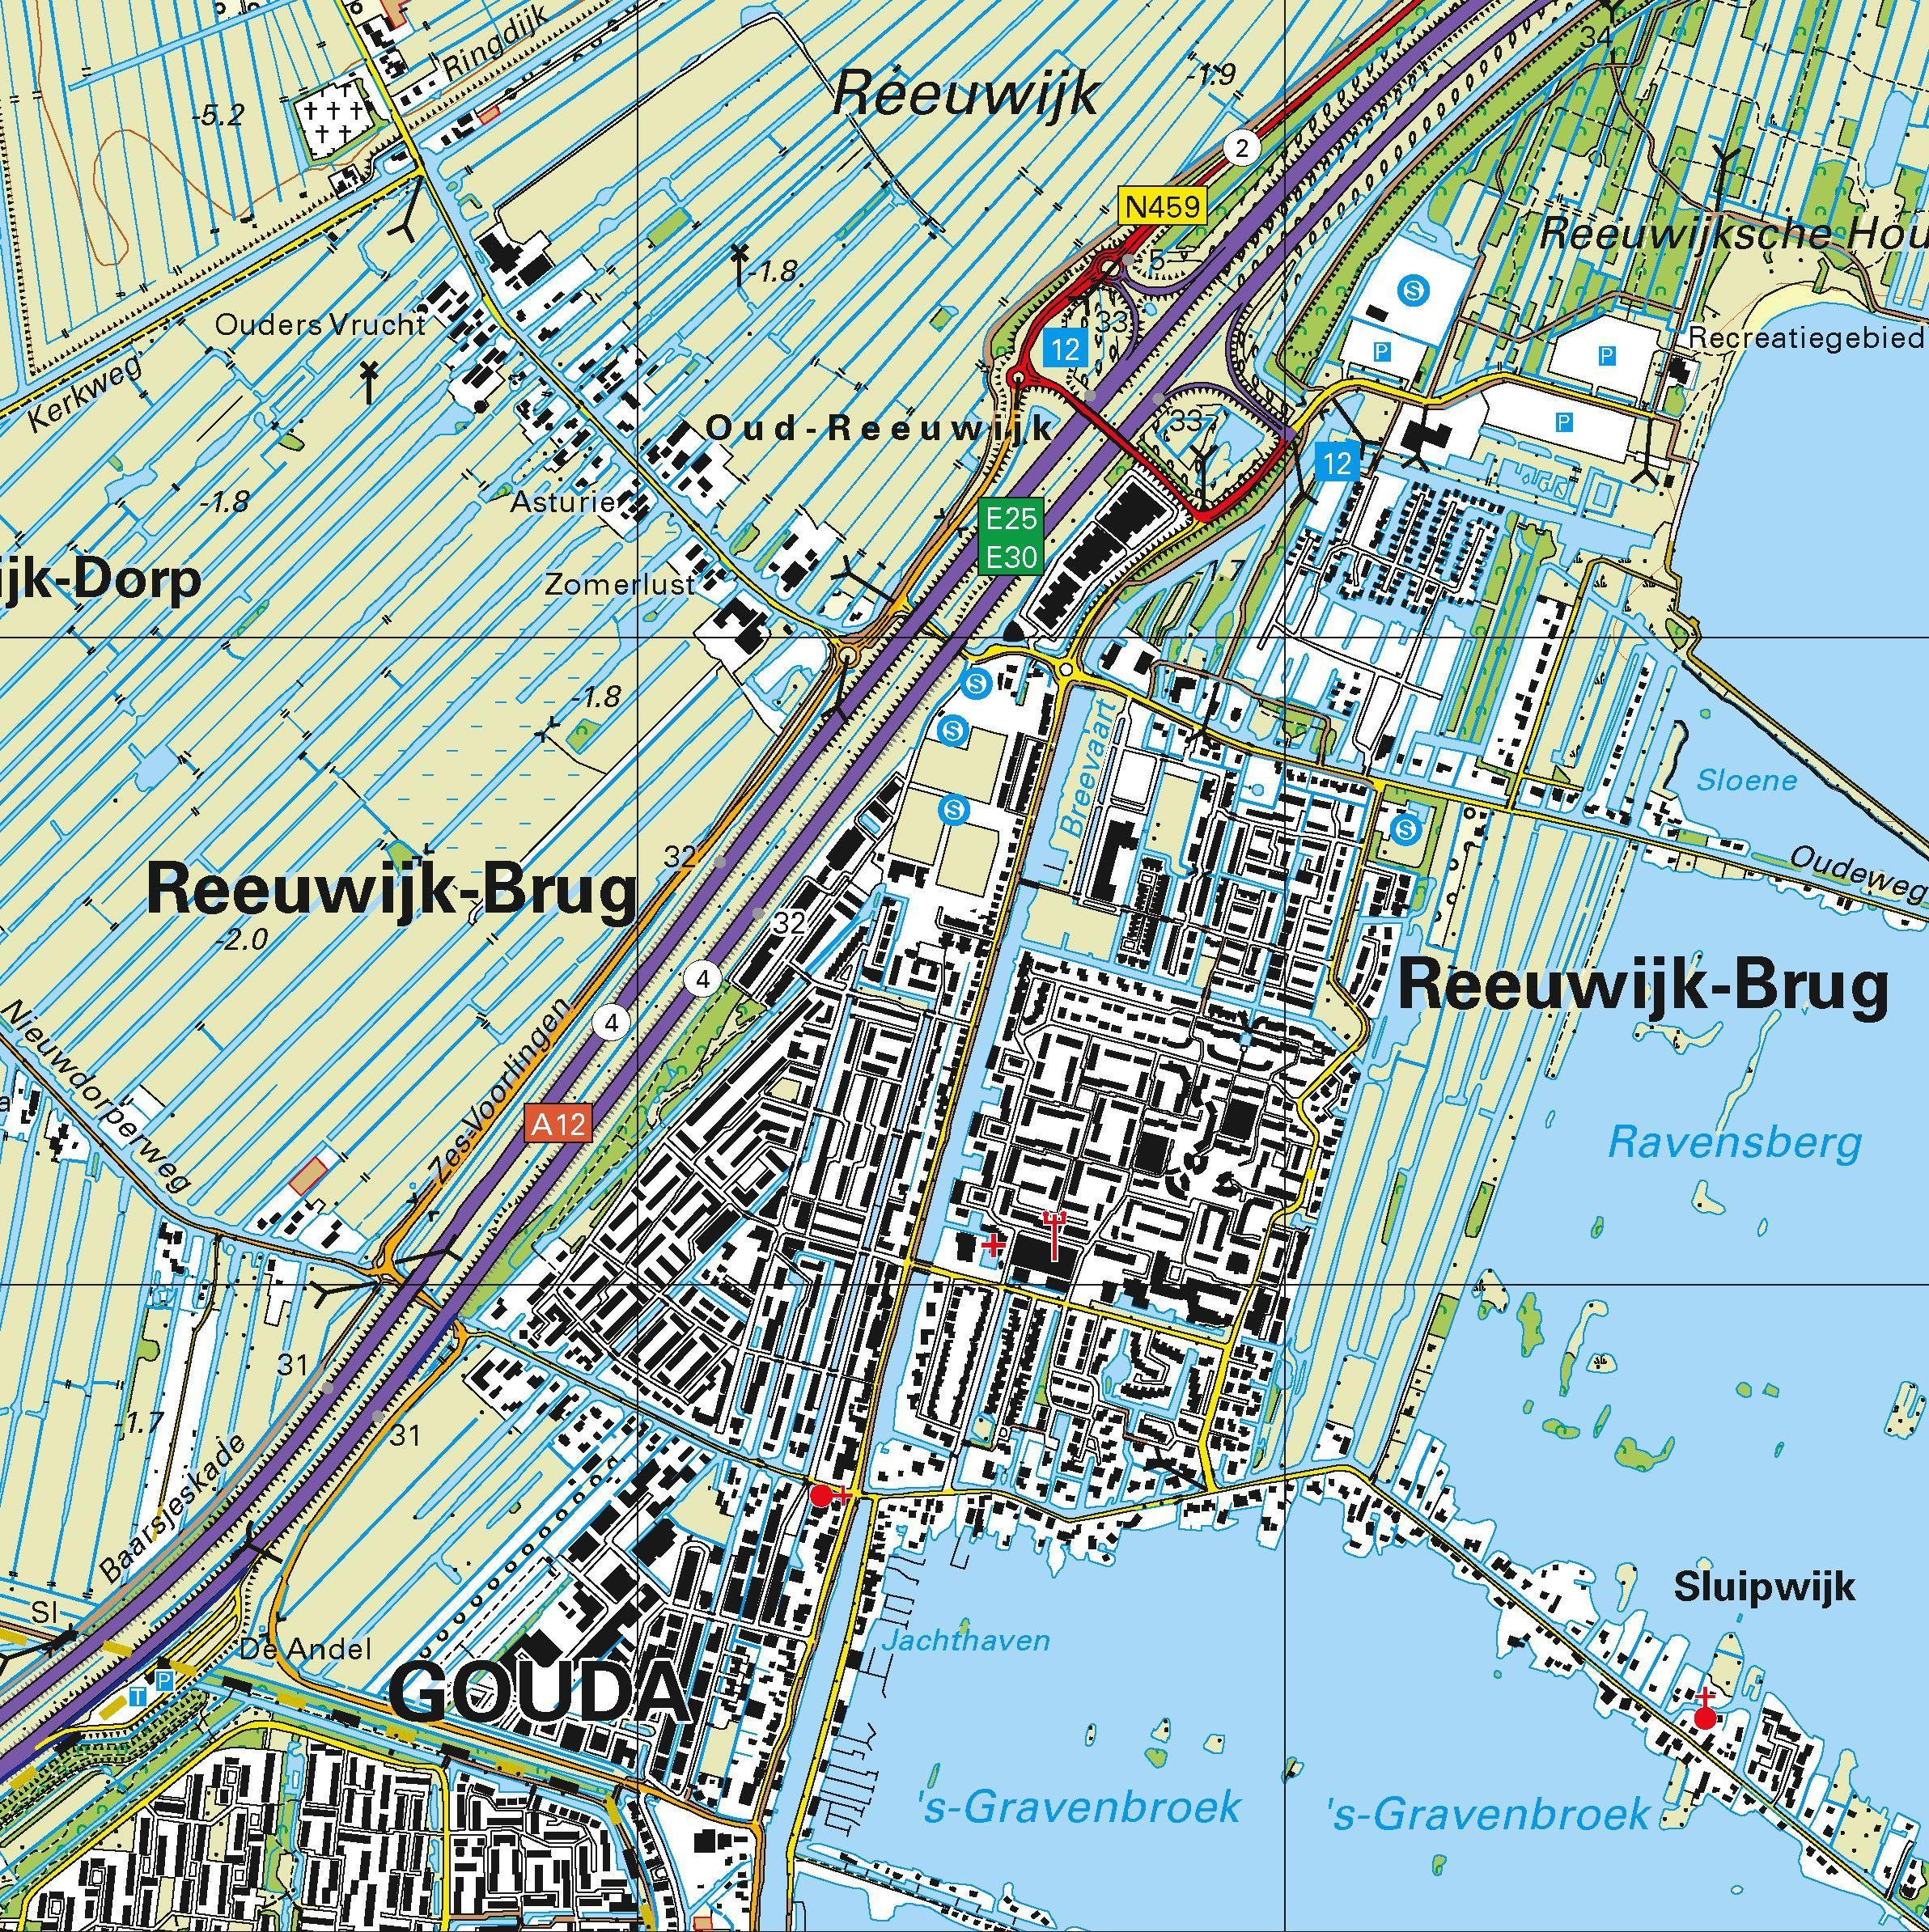 Topografische kaart schaal 1:25.000 (Alphen aan den Rijn, Waddinxveen, Gouda, Bodegraven, Schoonhoven)